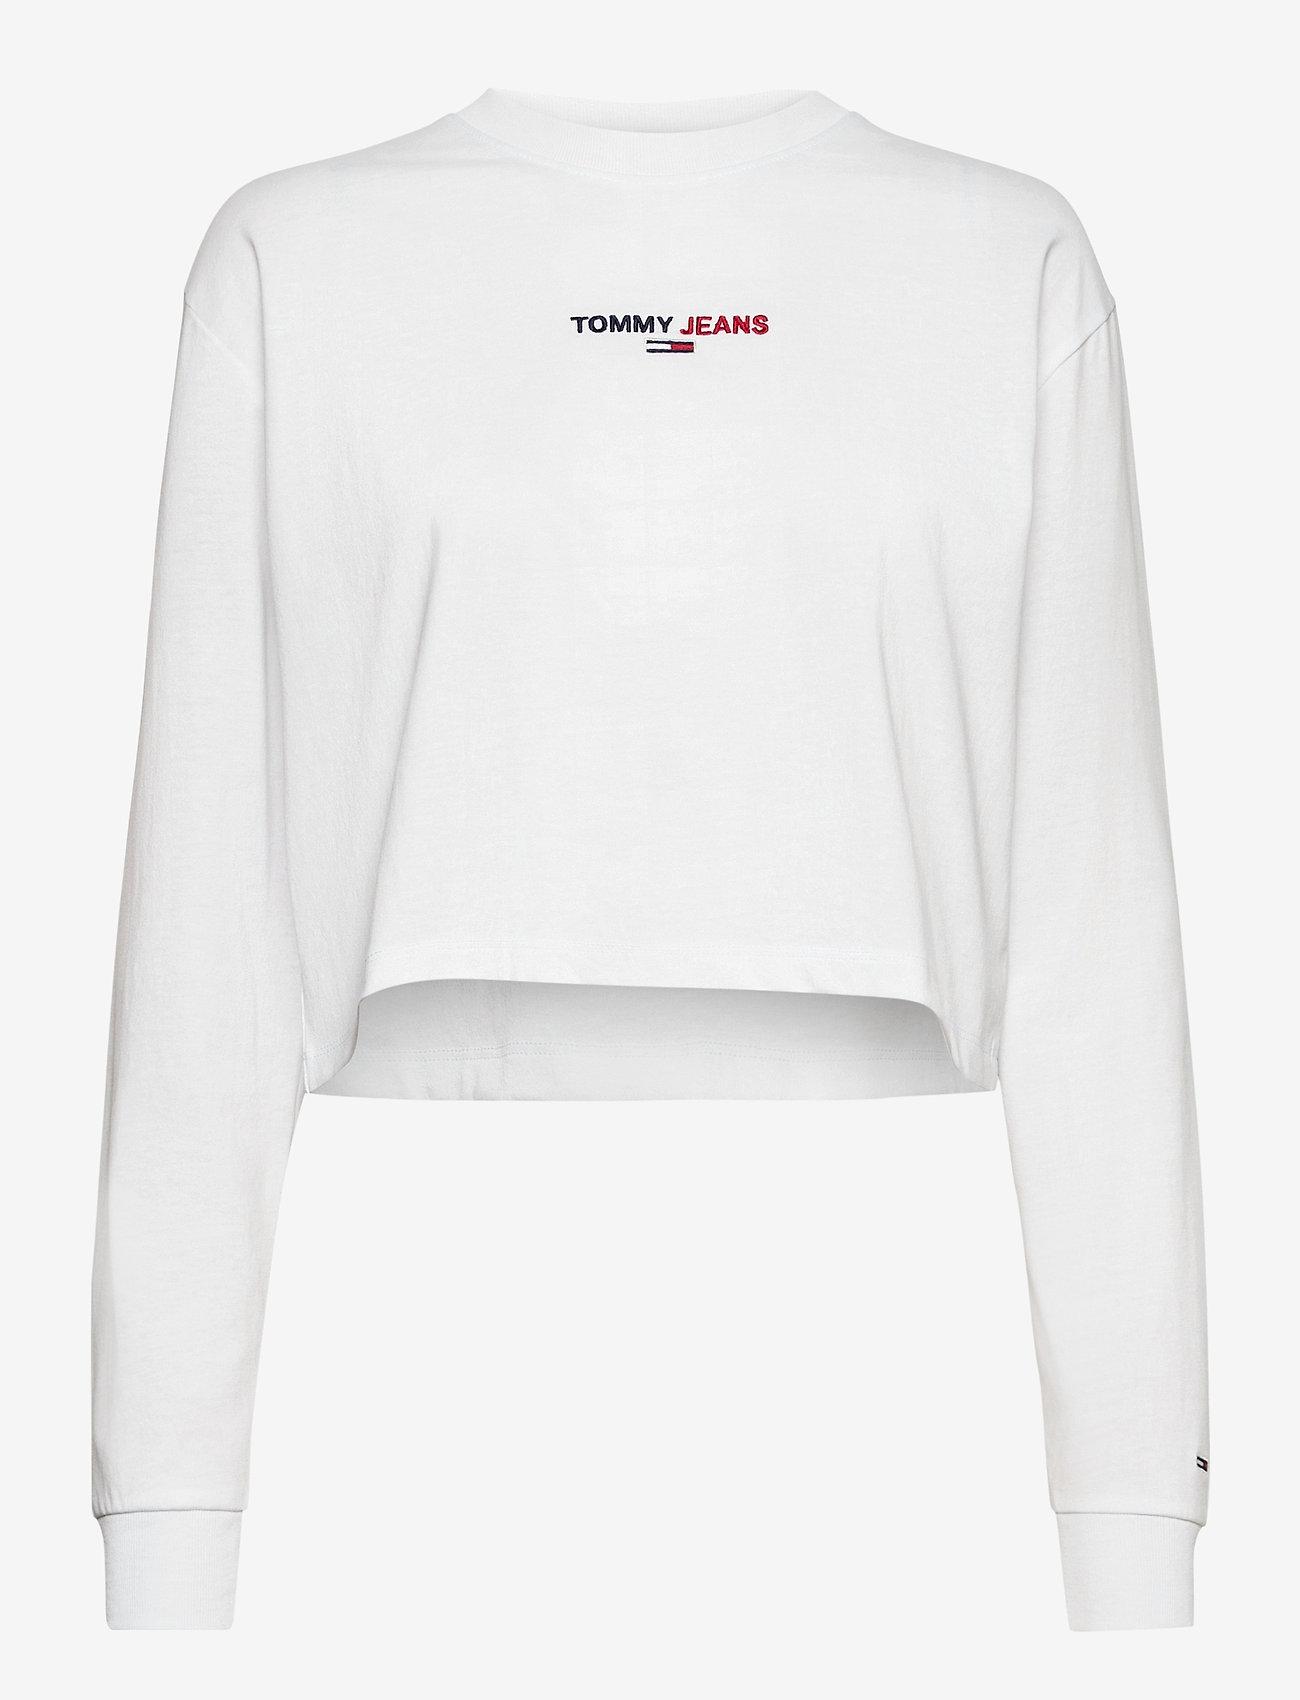 Tommy Jeans - TJW LINEAR LOGO LONGSLEEVE - crop tops - white - 0